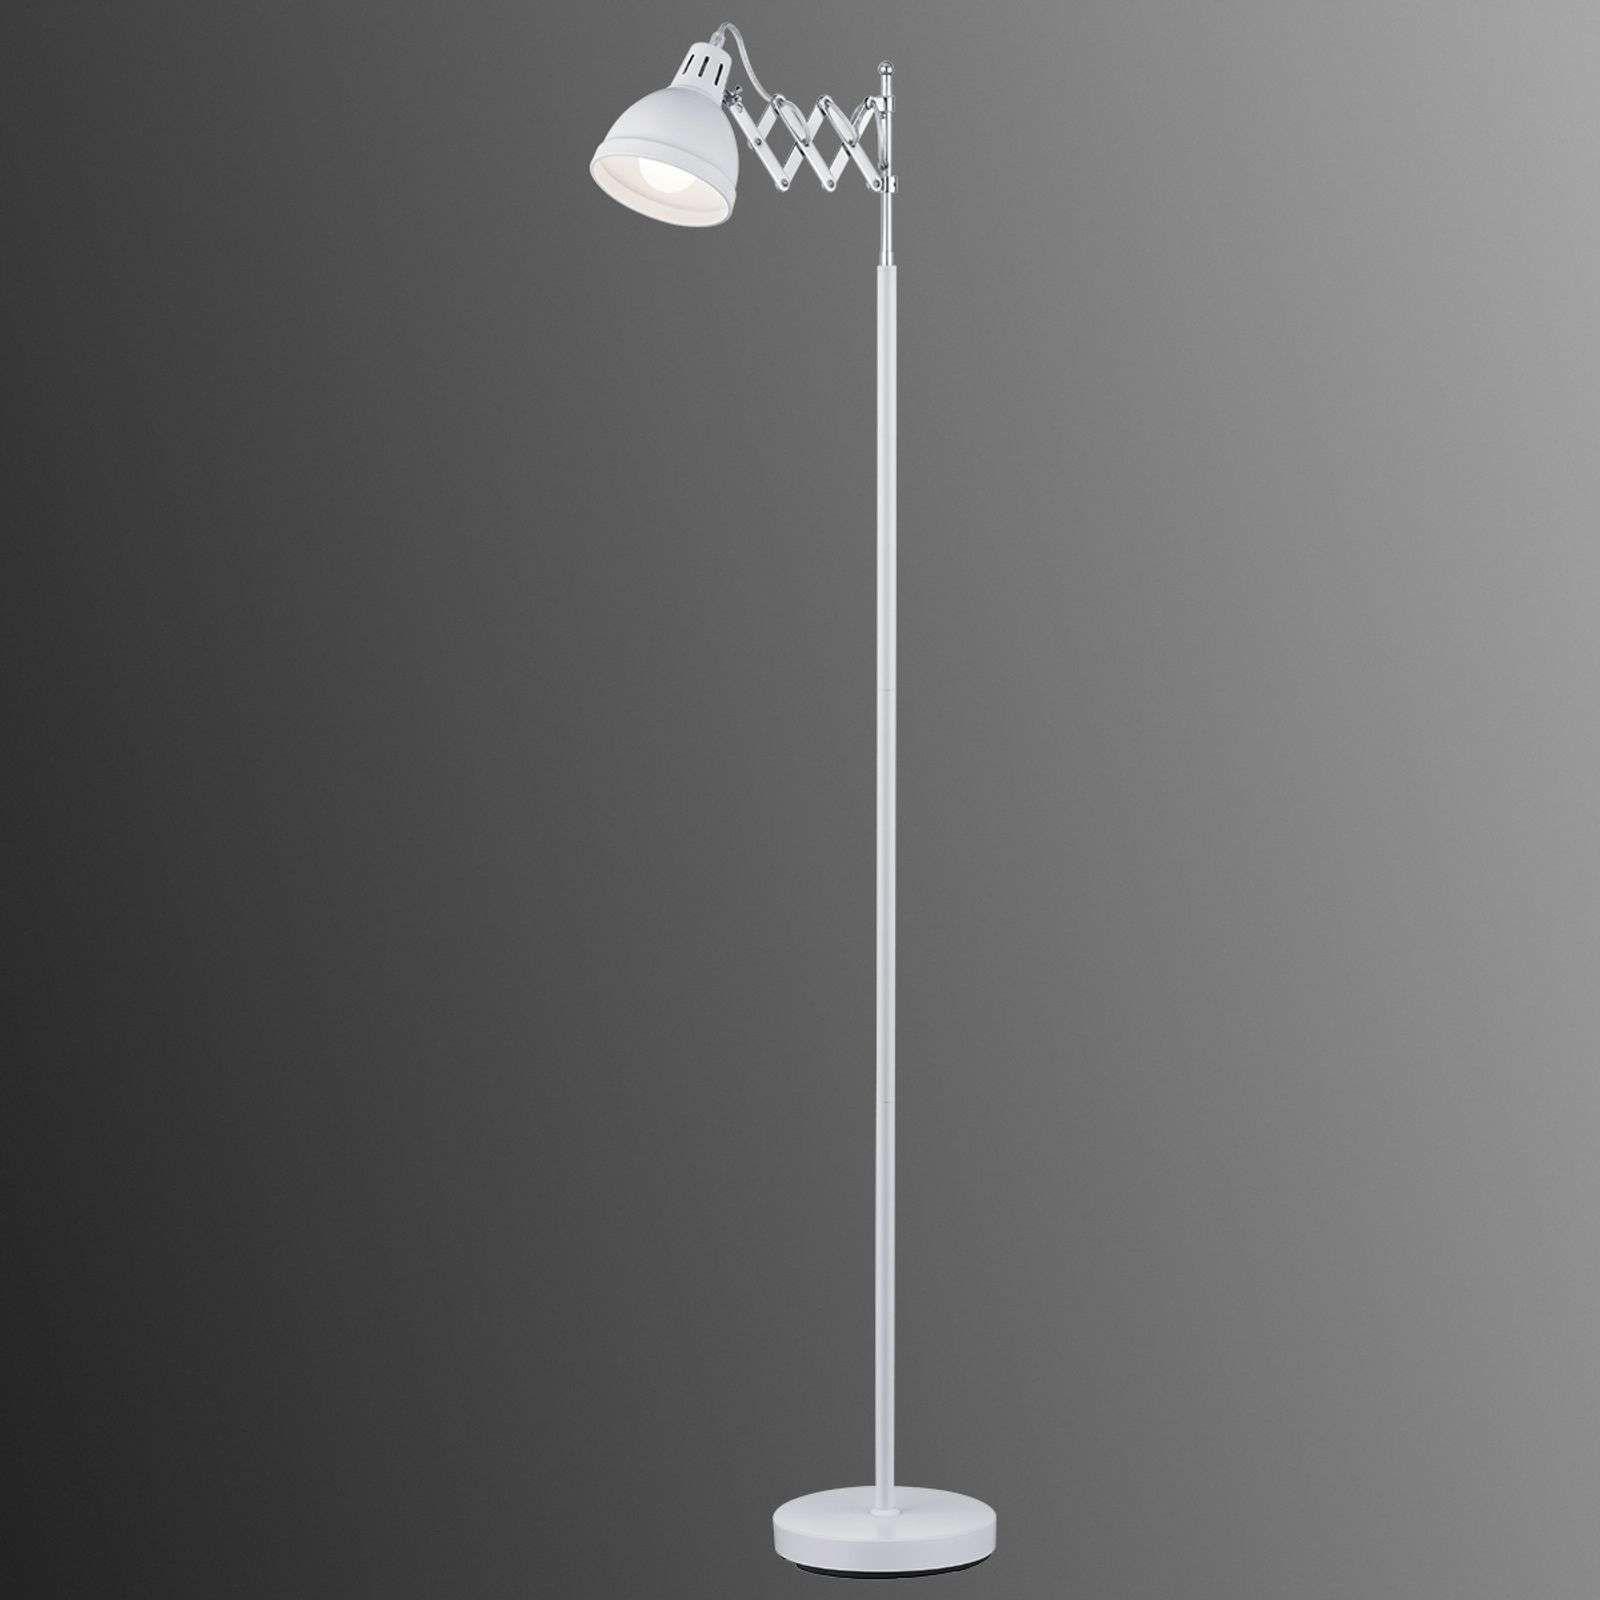 Stehlampe Rattan Italienische Stehleuchten Kleine Stehlampen